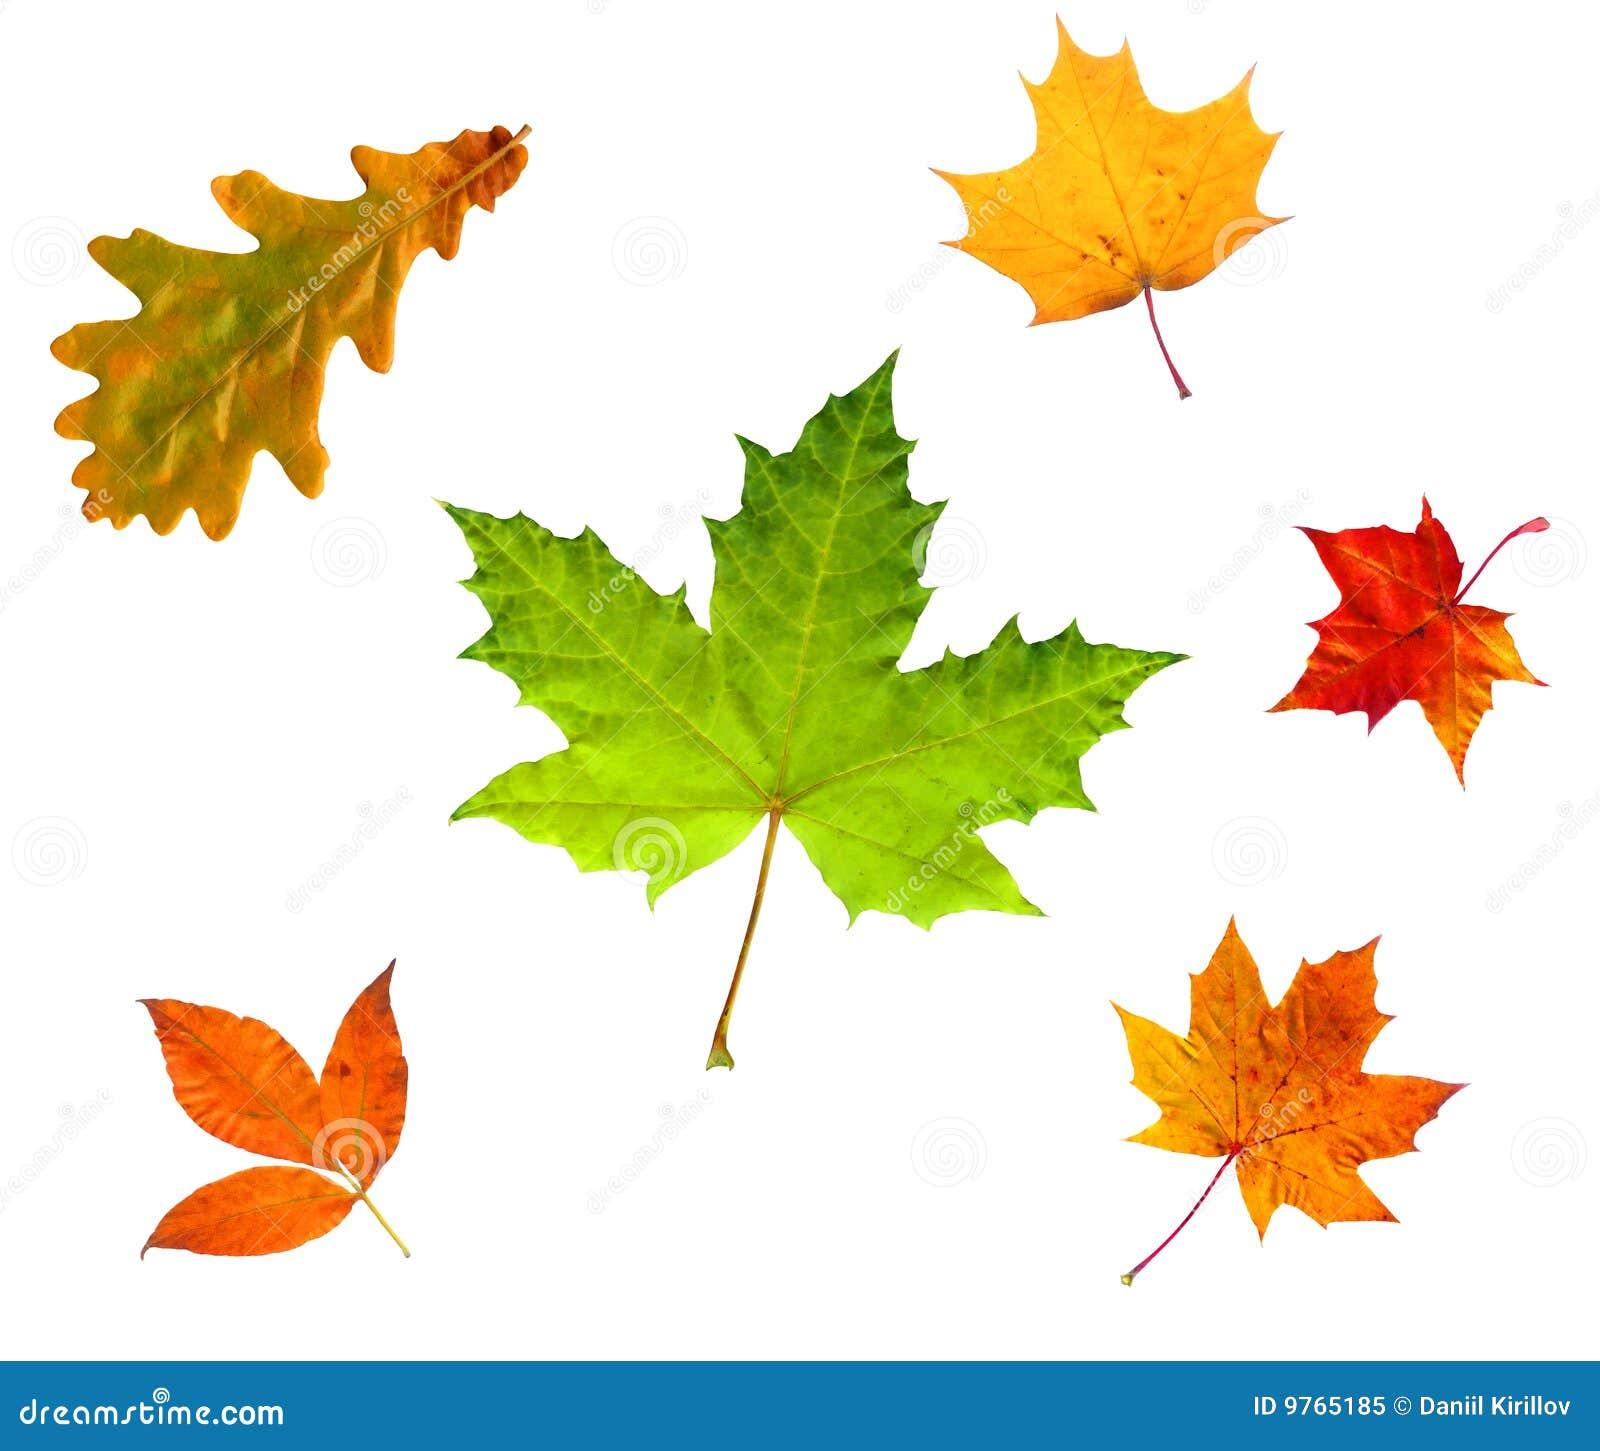 Autumn leaves isolated on Autumn Leaves